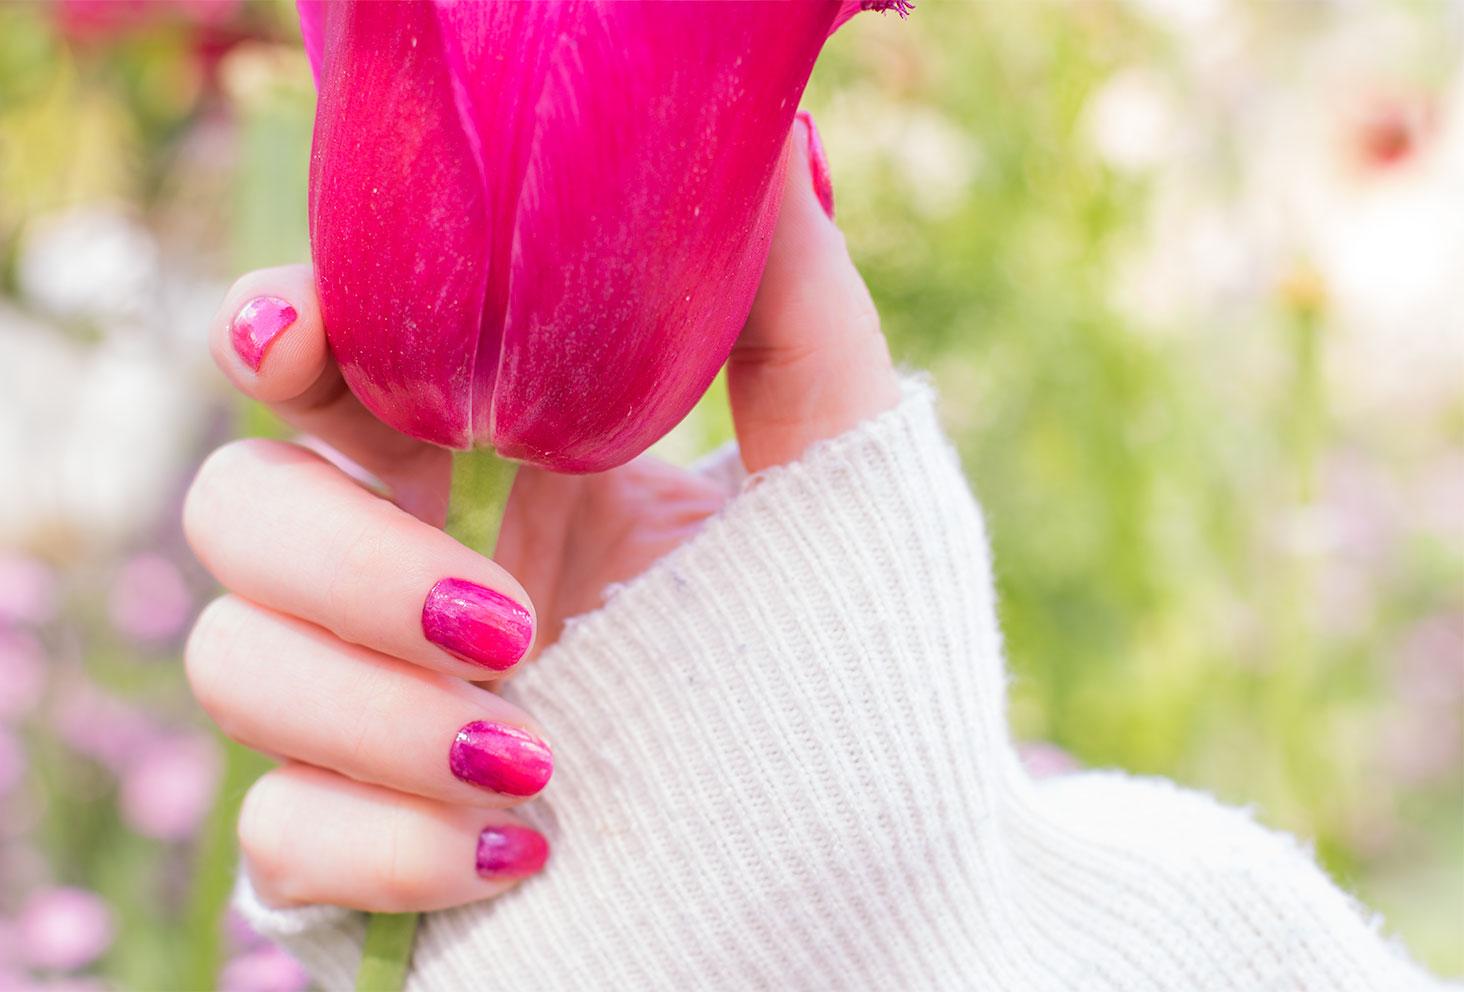 Résultat du nailart dégradé SO'BiO étic avec une tulipe rose dans les mains